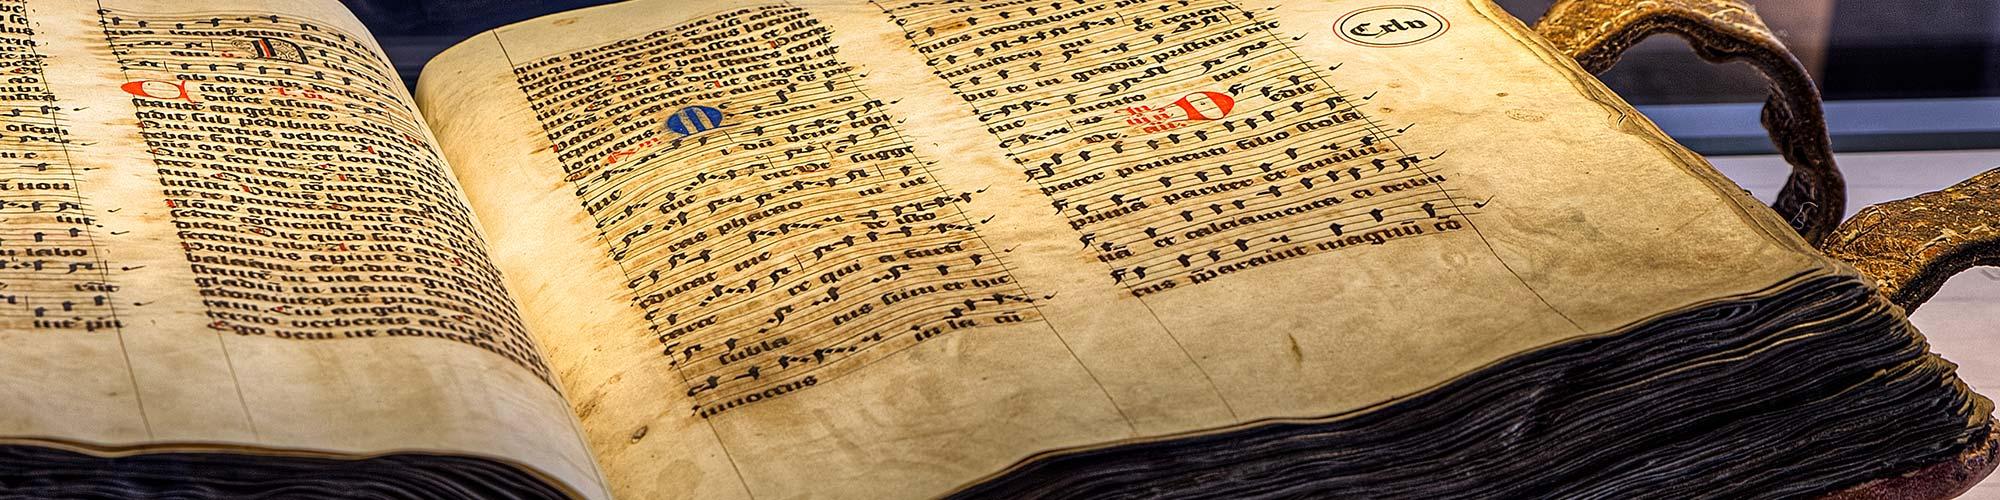 Missale Romanorum im Museum der Burg Bentheim